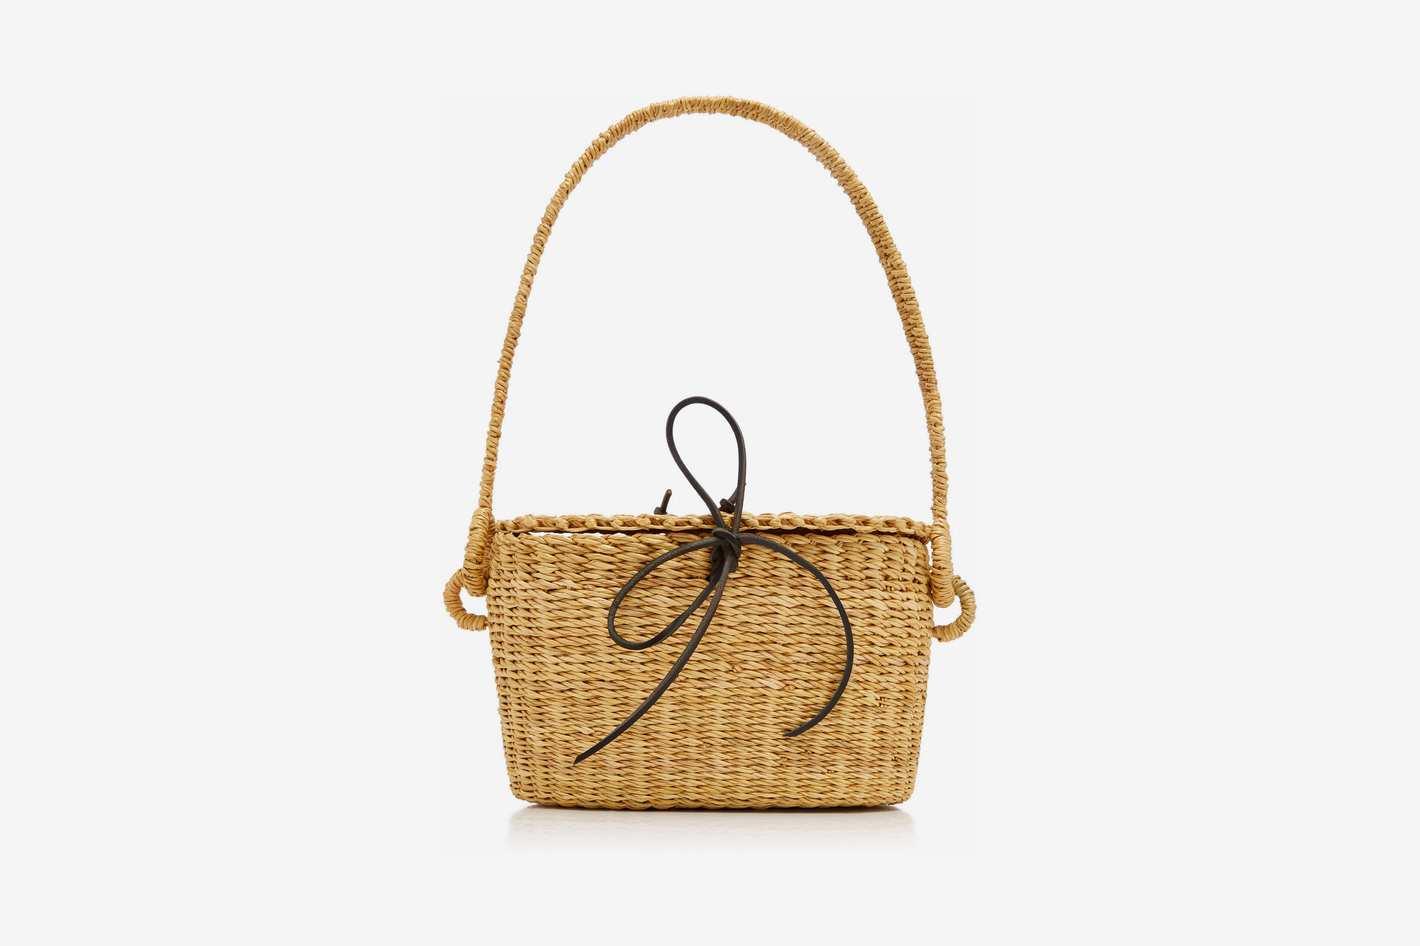 Muun Jeanne Mini Straw Bag